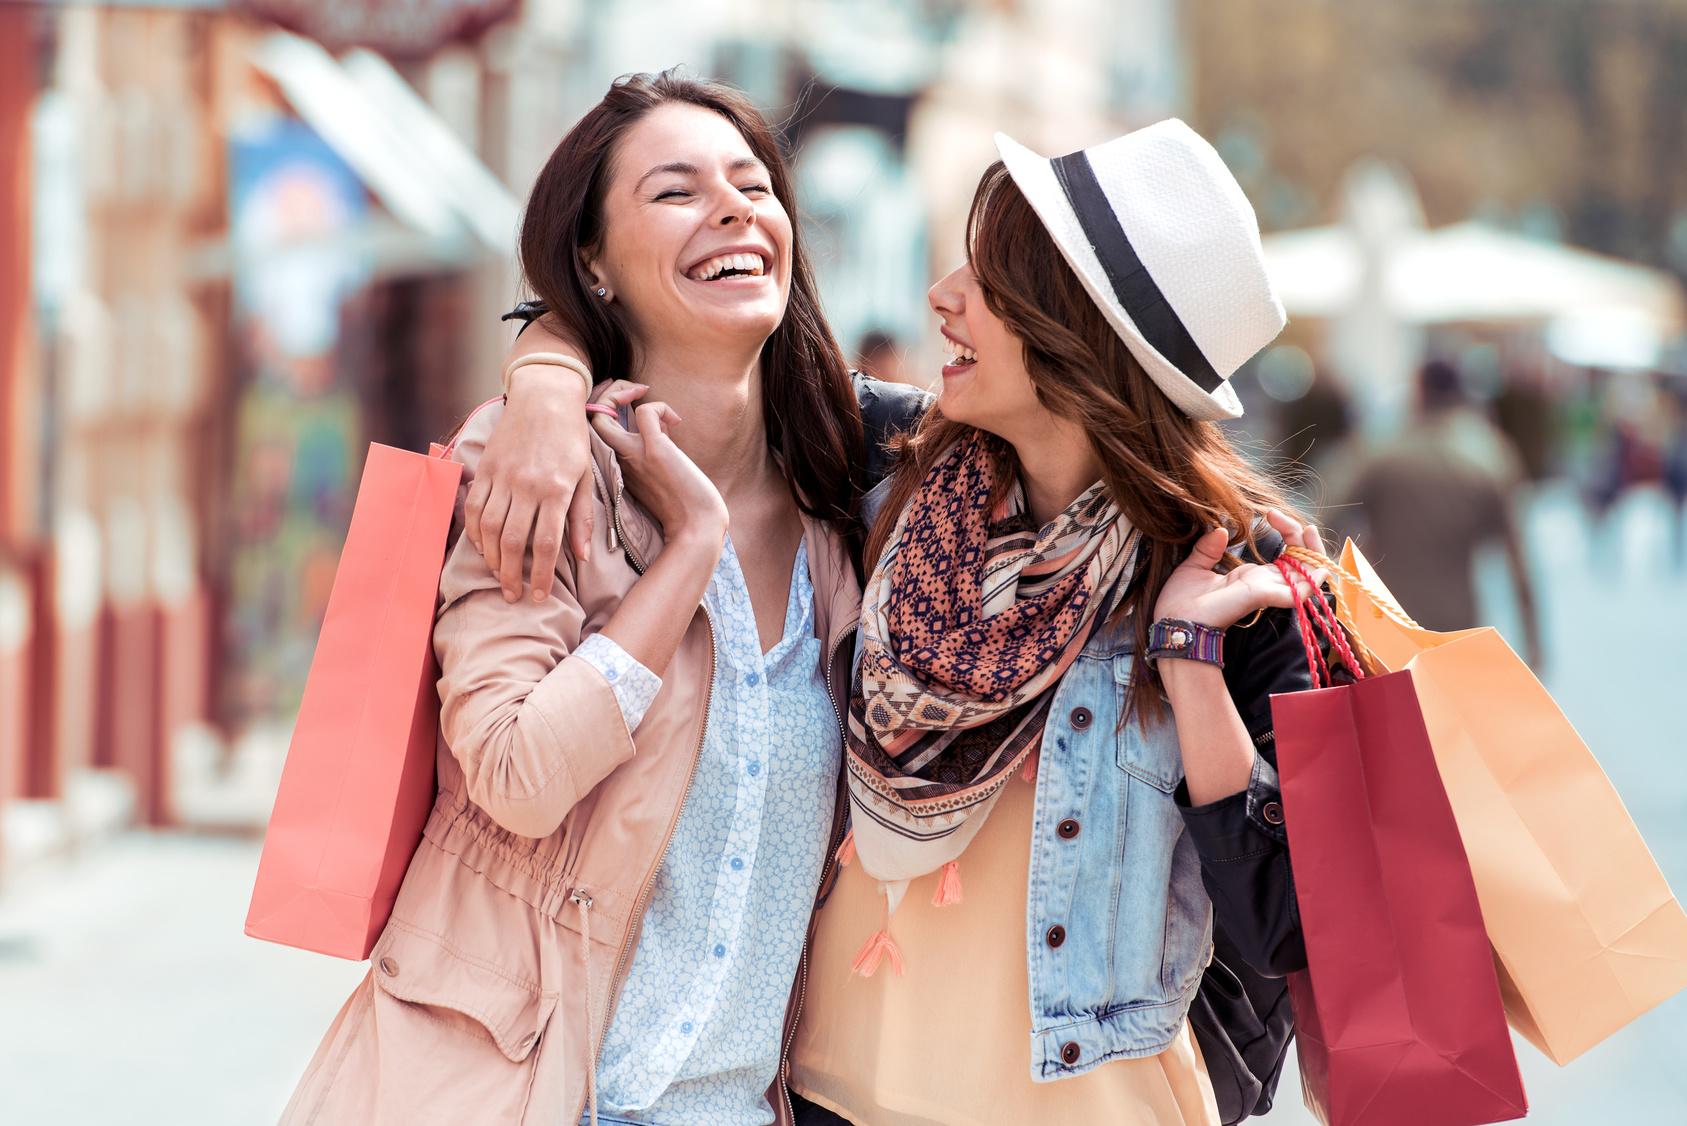 Shopping-Spaß in Essen